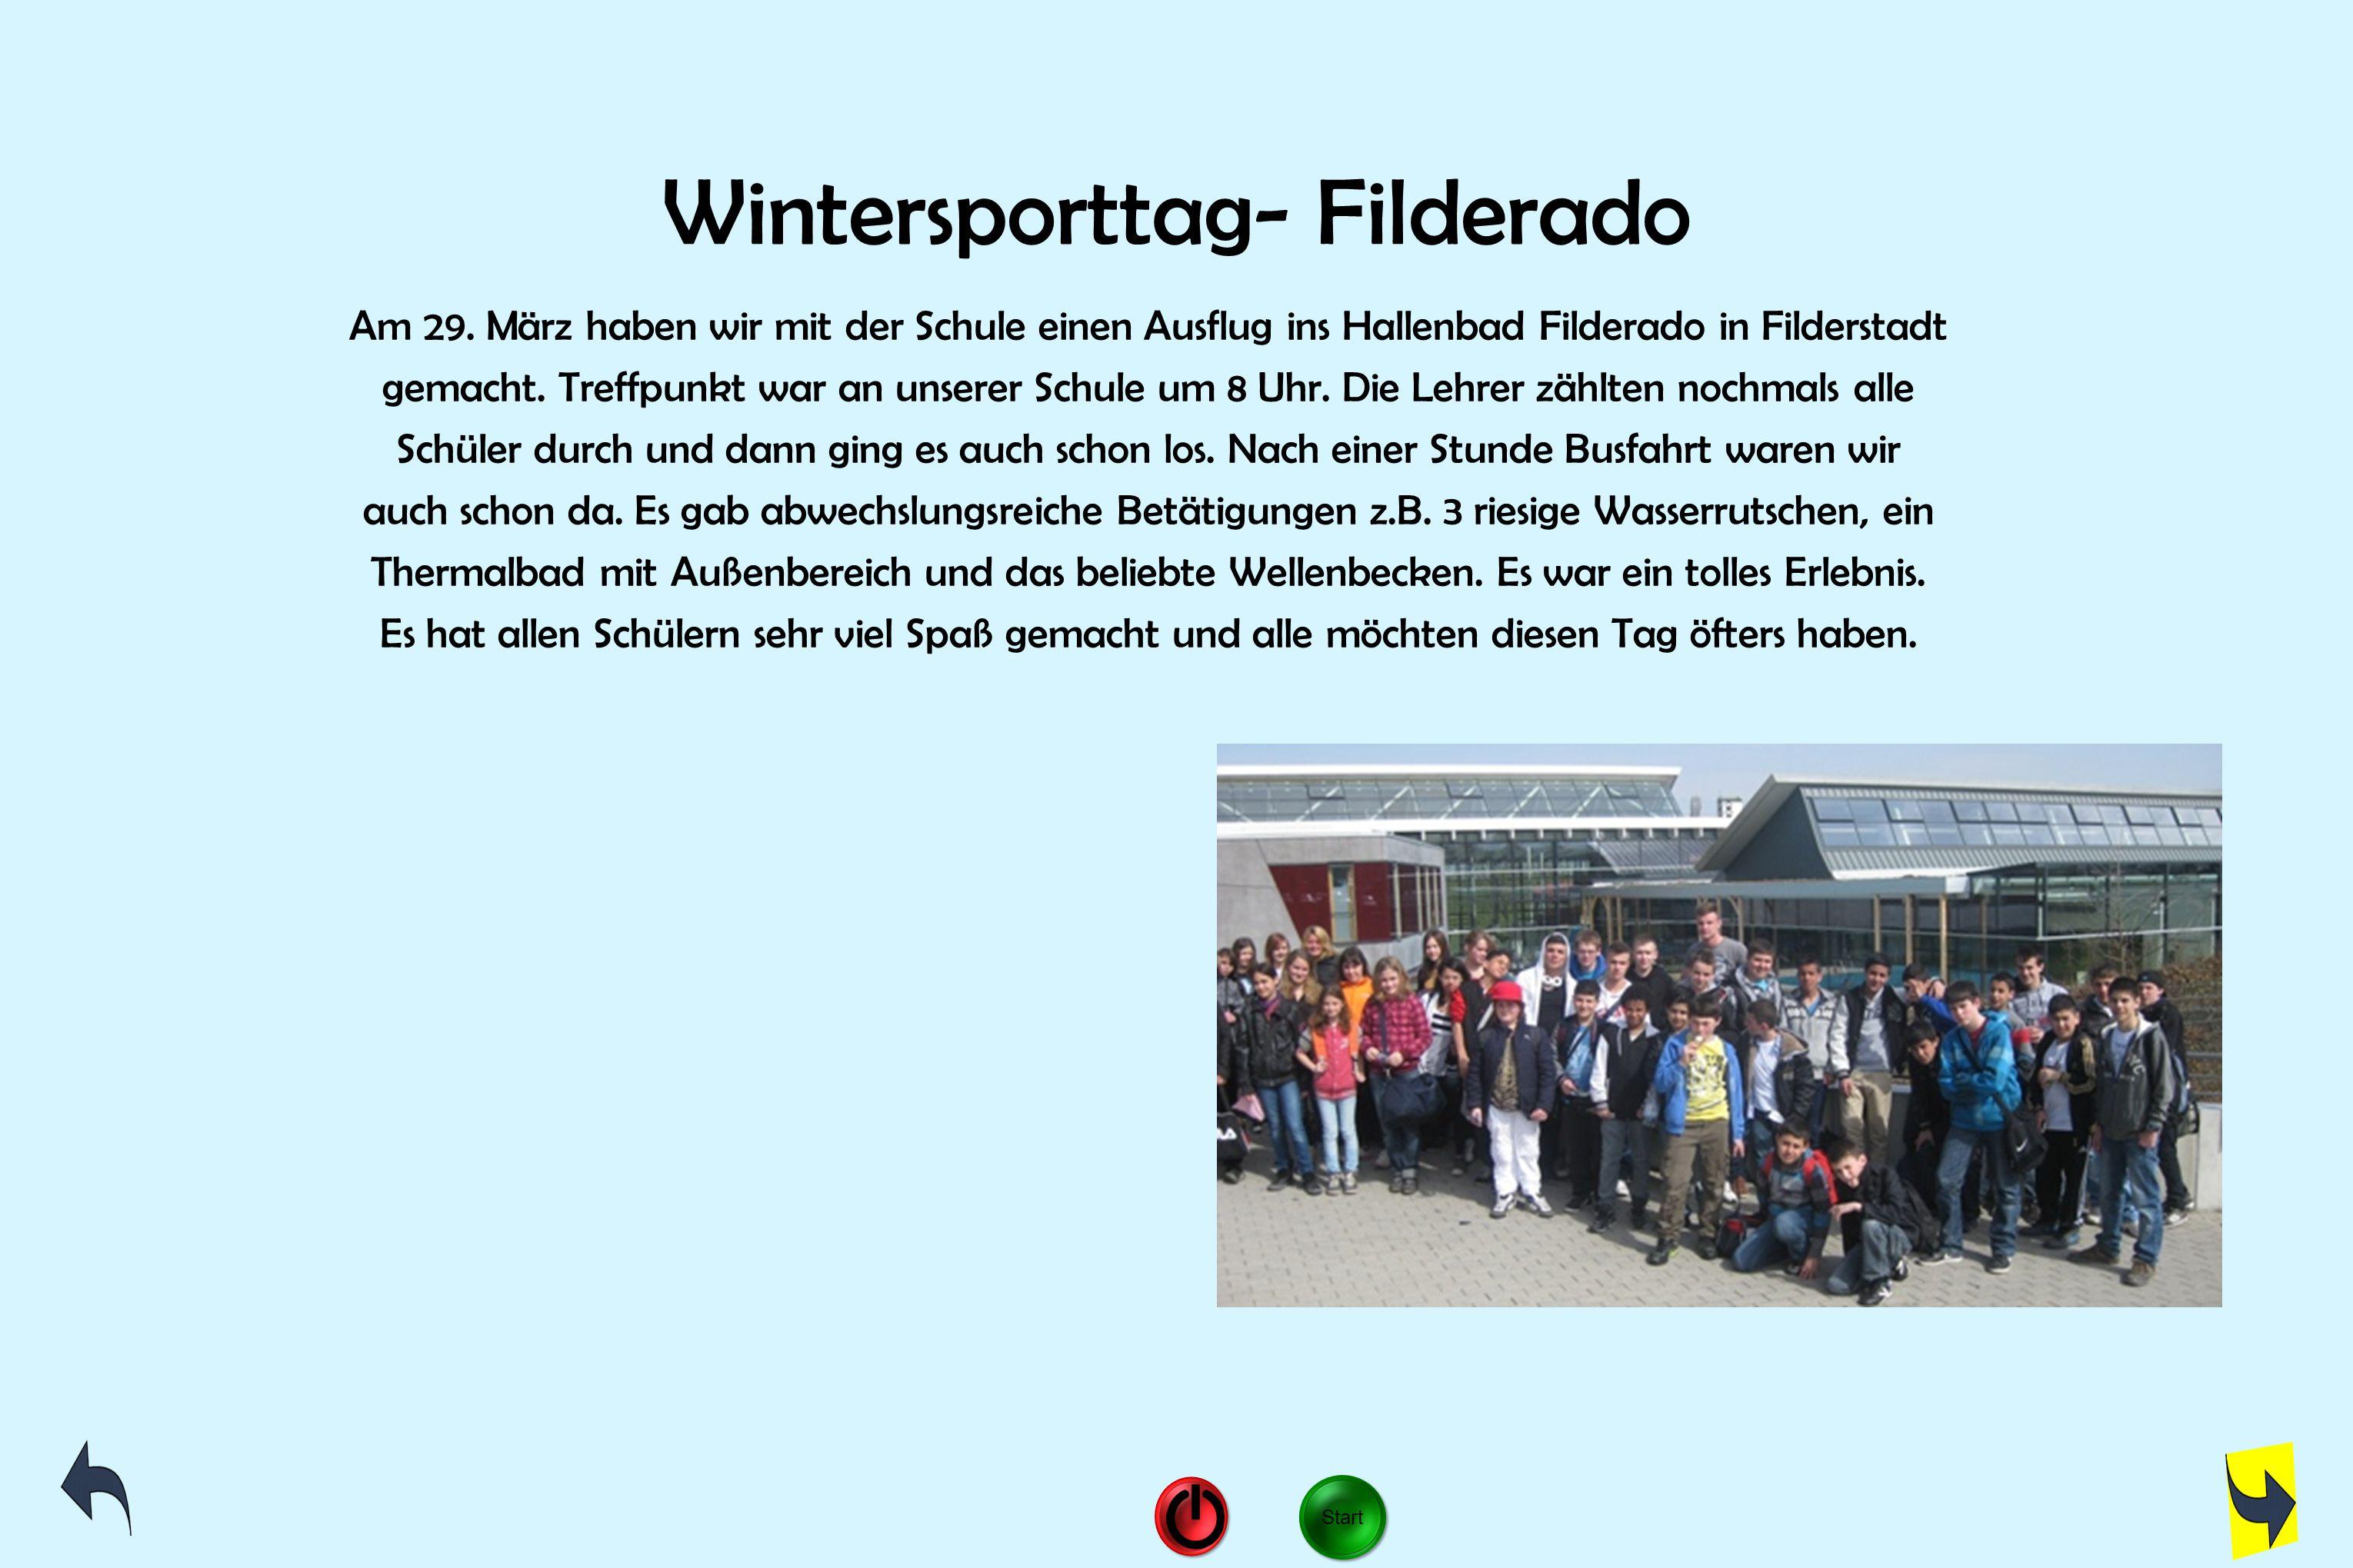 Wintersporttag- Filderado Am 29. März haben wir mit der Schule einen Ausflug ins Hallenbad Filderado in Filderstadt gemacht. Treffpunkt war an unserer